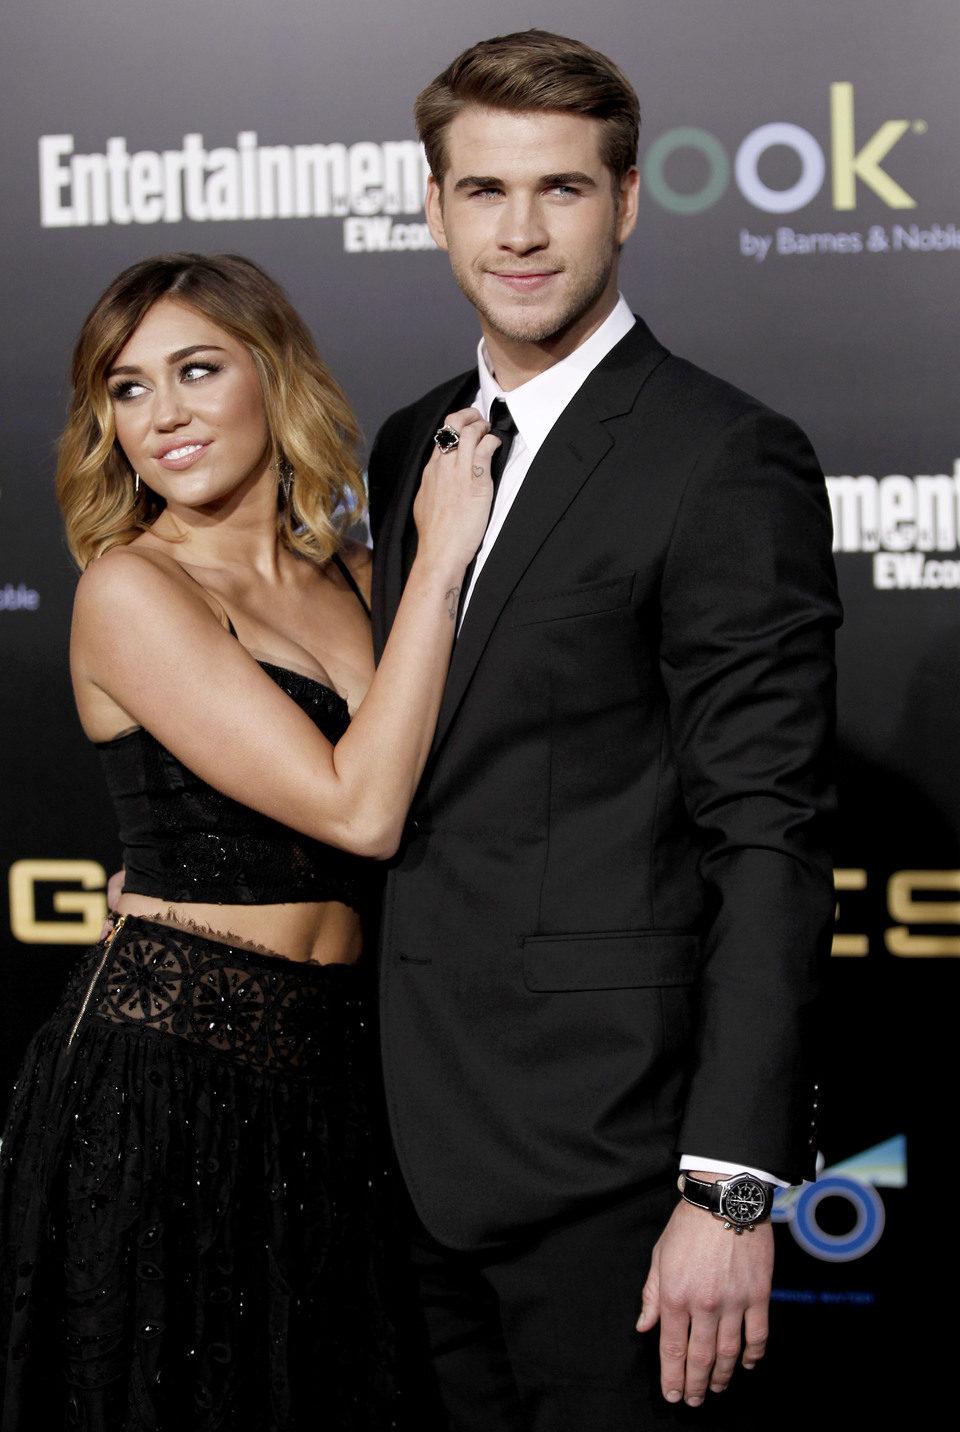 Miley Cyrus abraza a Liam Hemsworth en la premiére mundial de 'Los Juegos del Hambre'